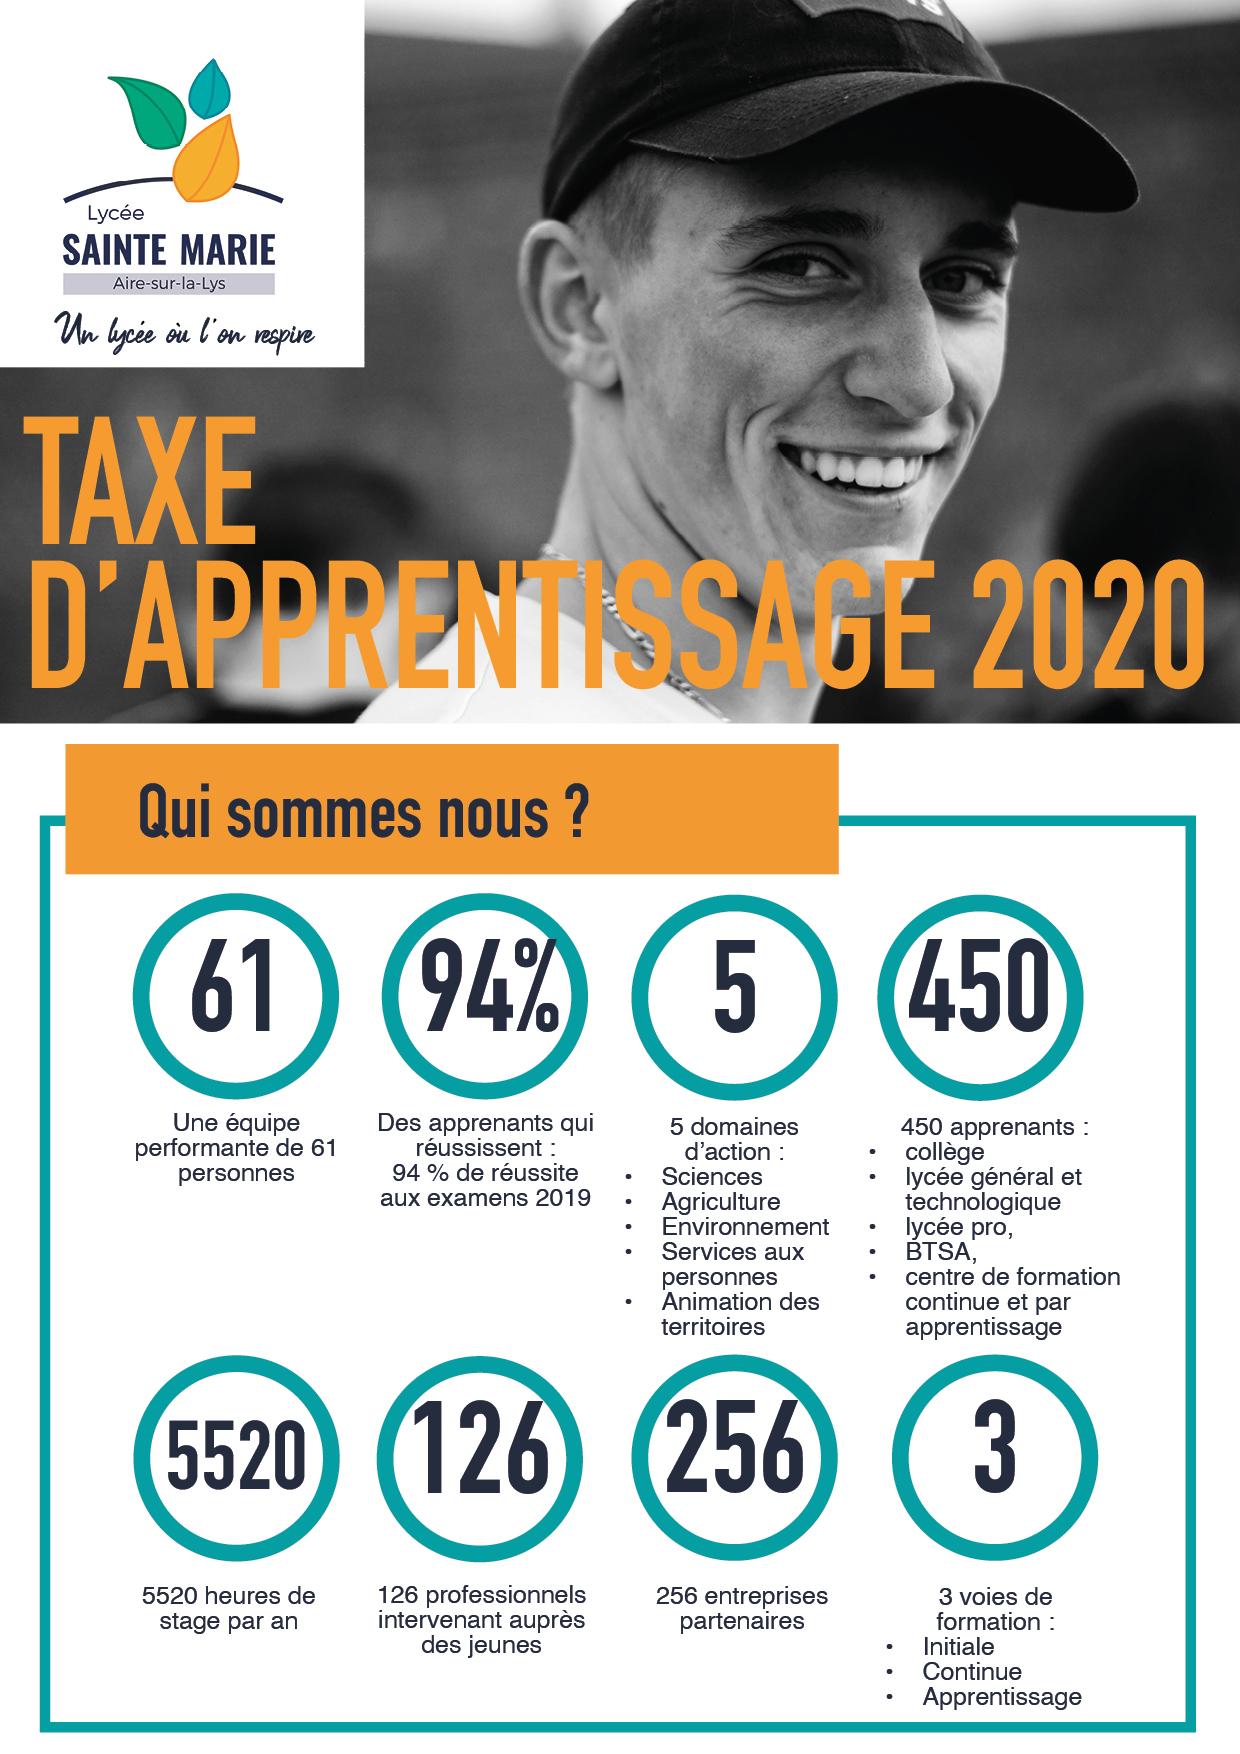 TAXE APP 2020